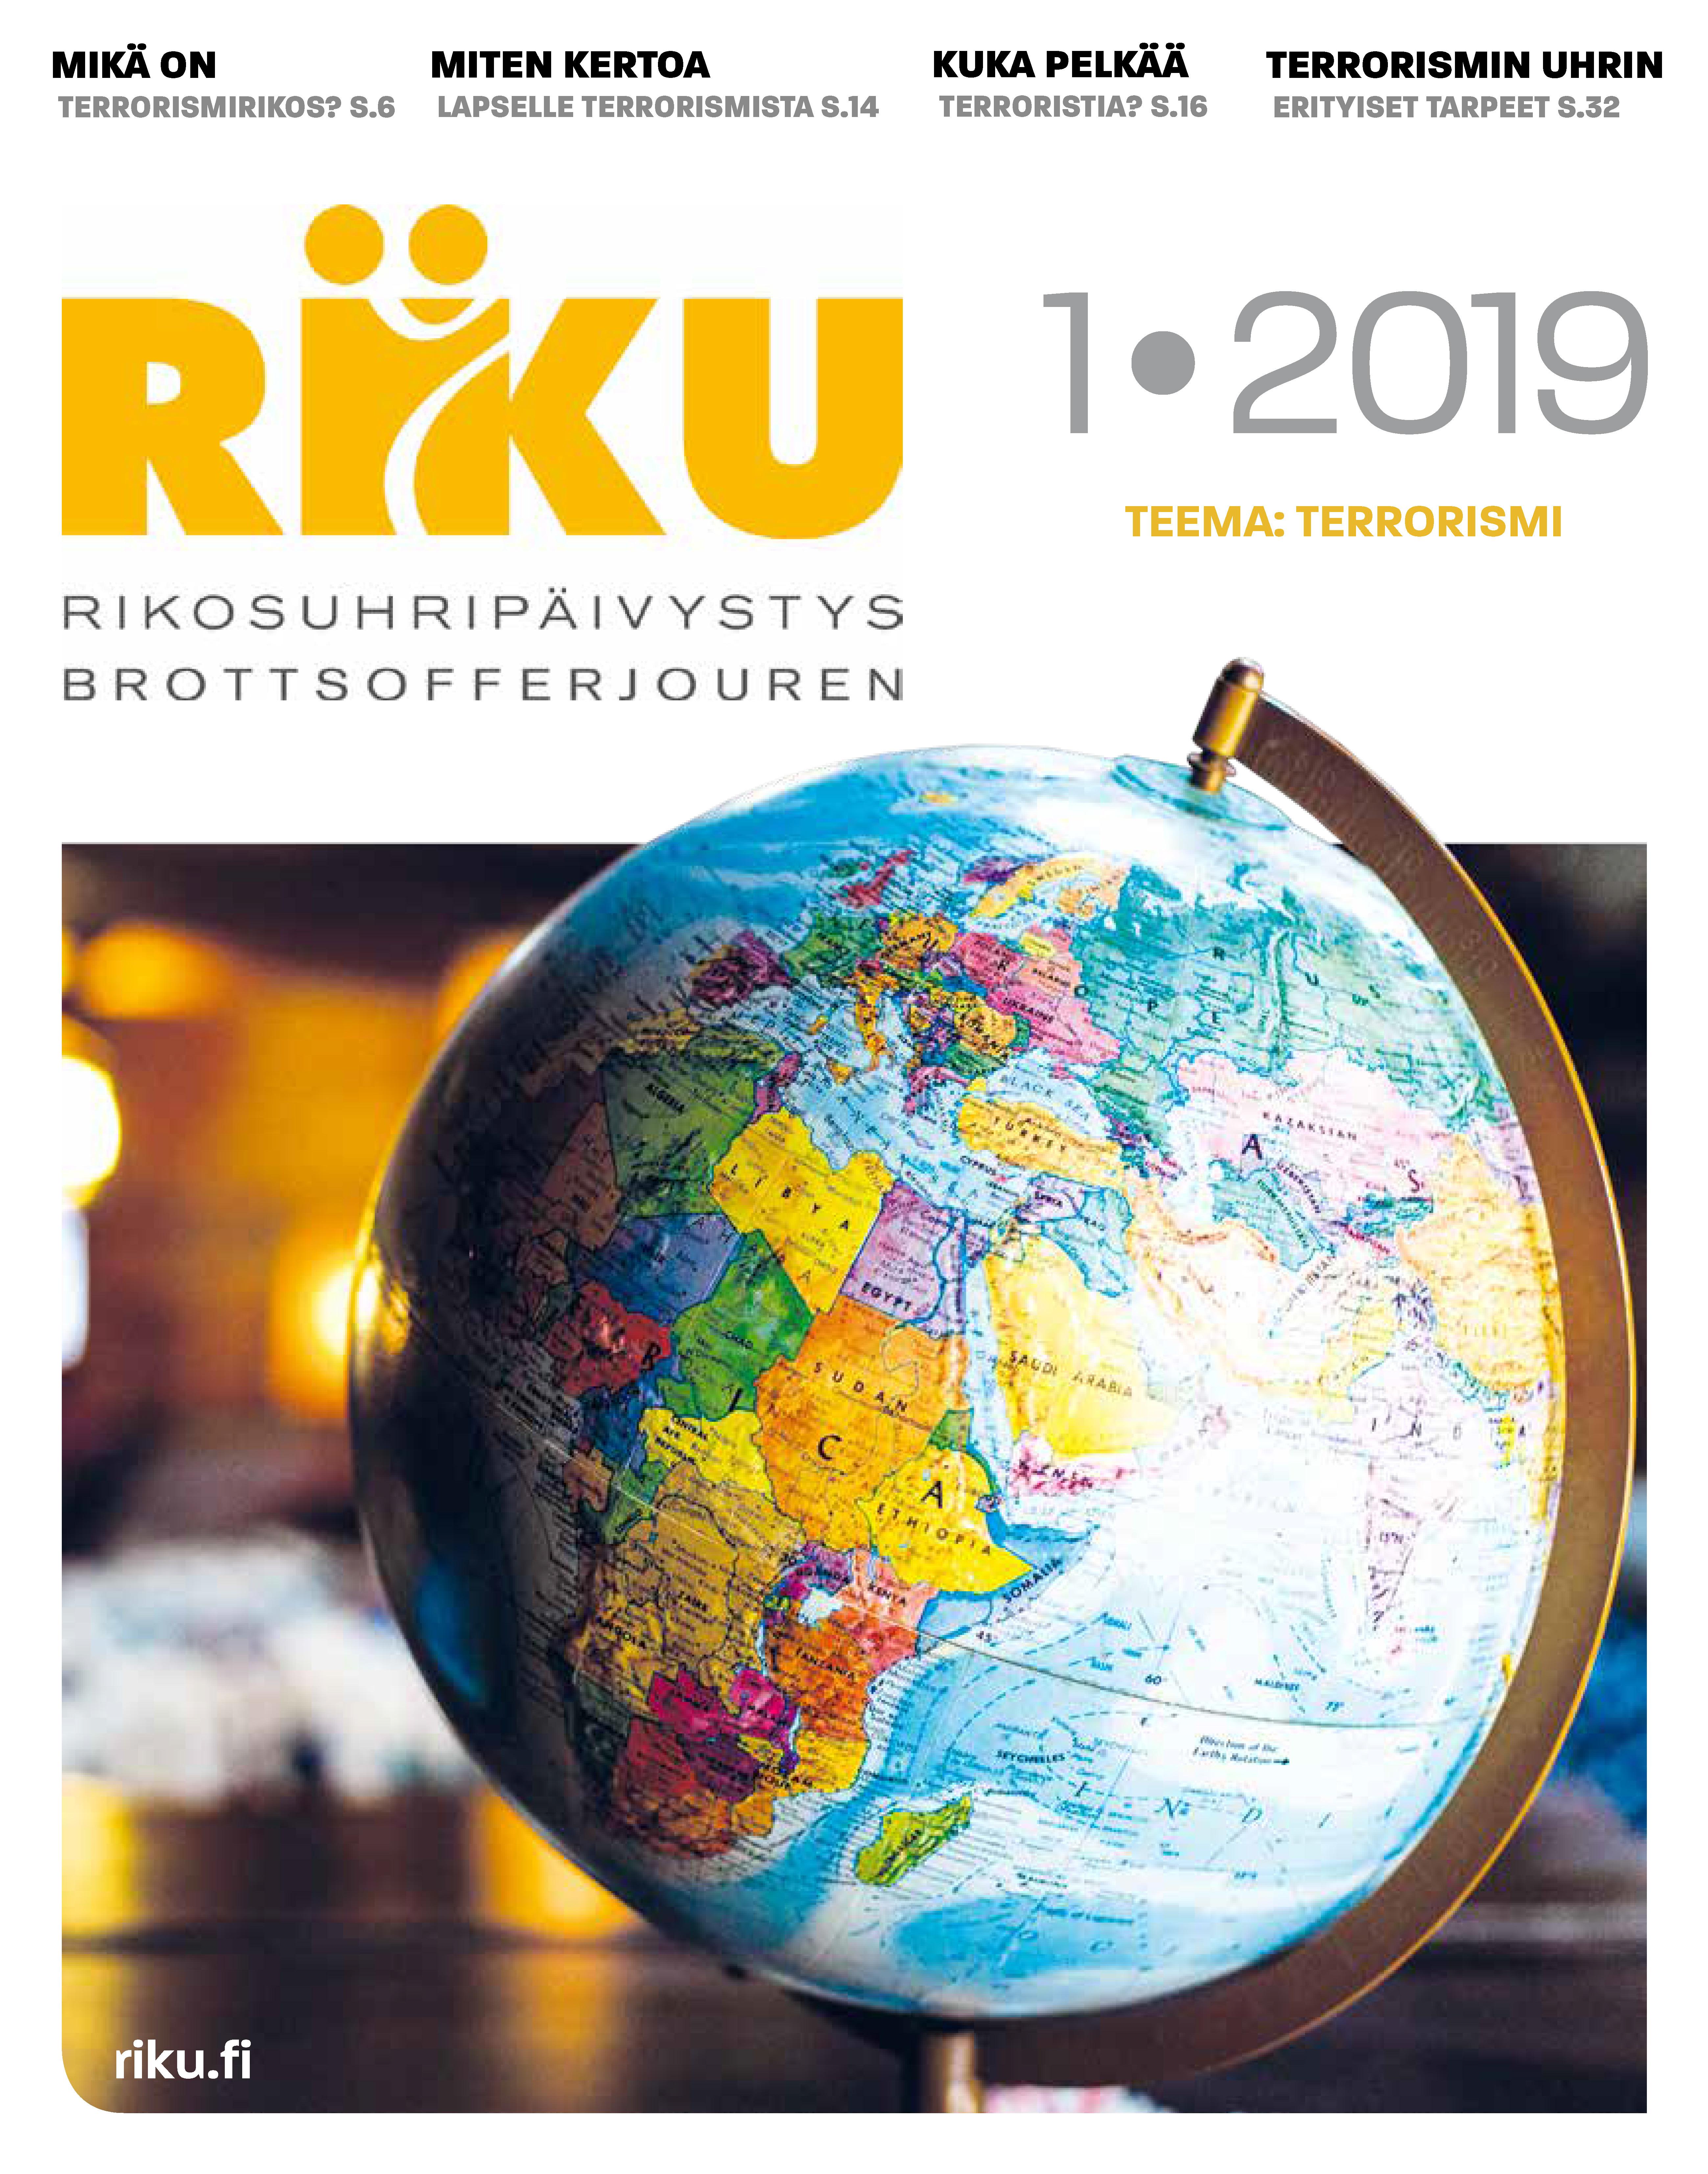 RIKU-lehti 3/2018 väkivaltarikokset